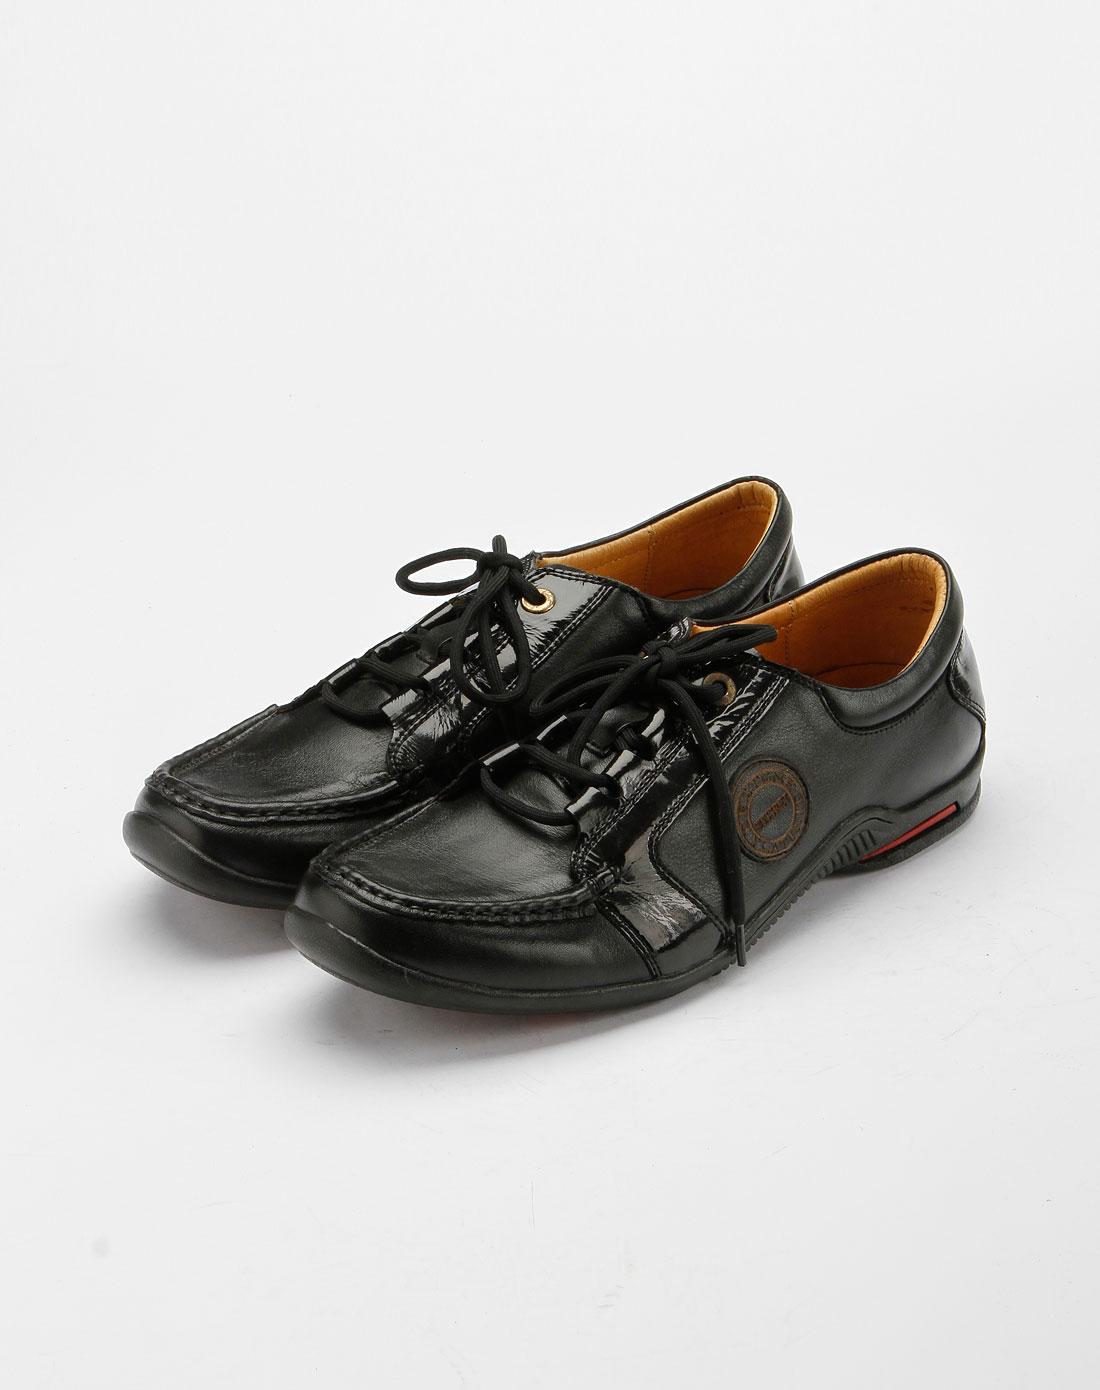 黑色时尚休闲皮鞋